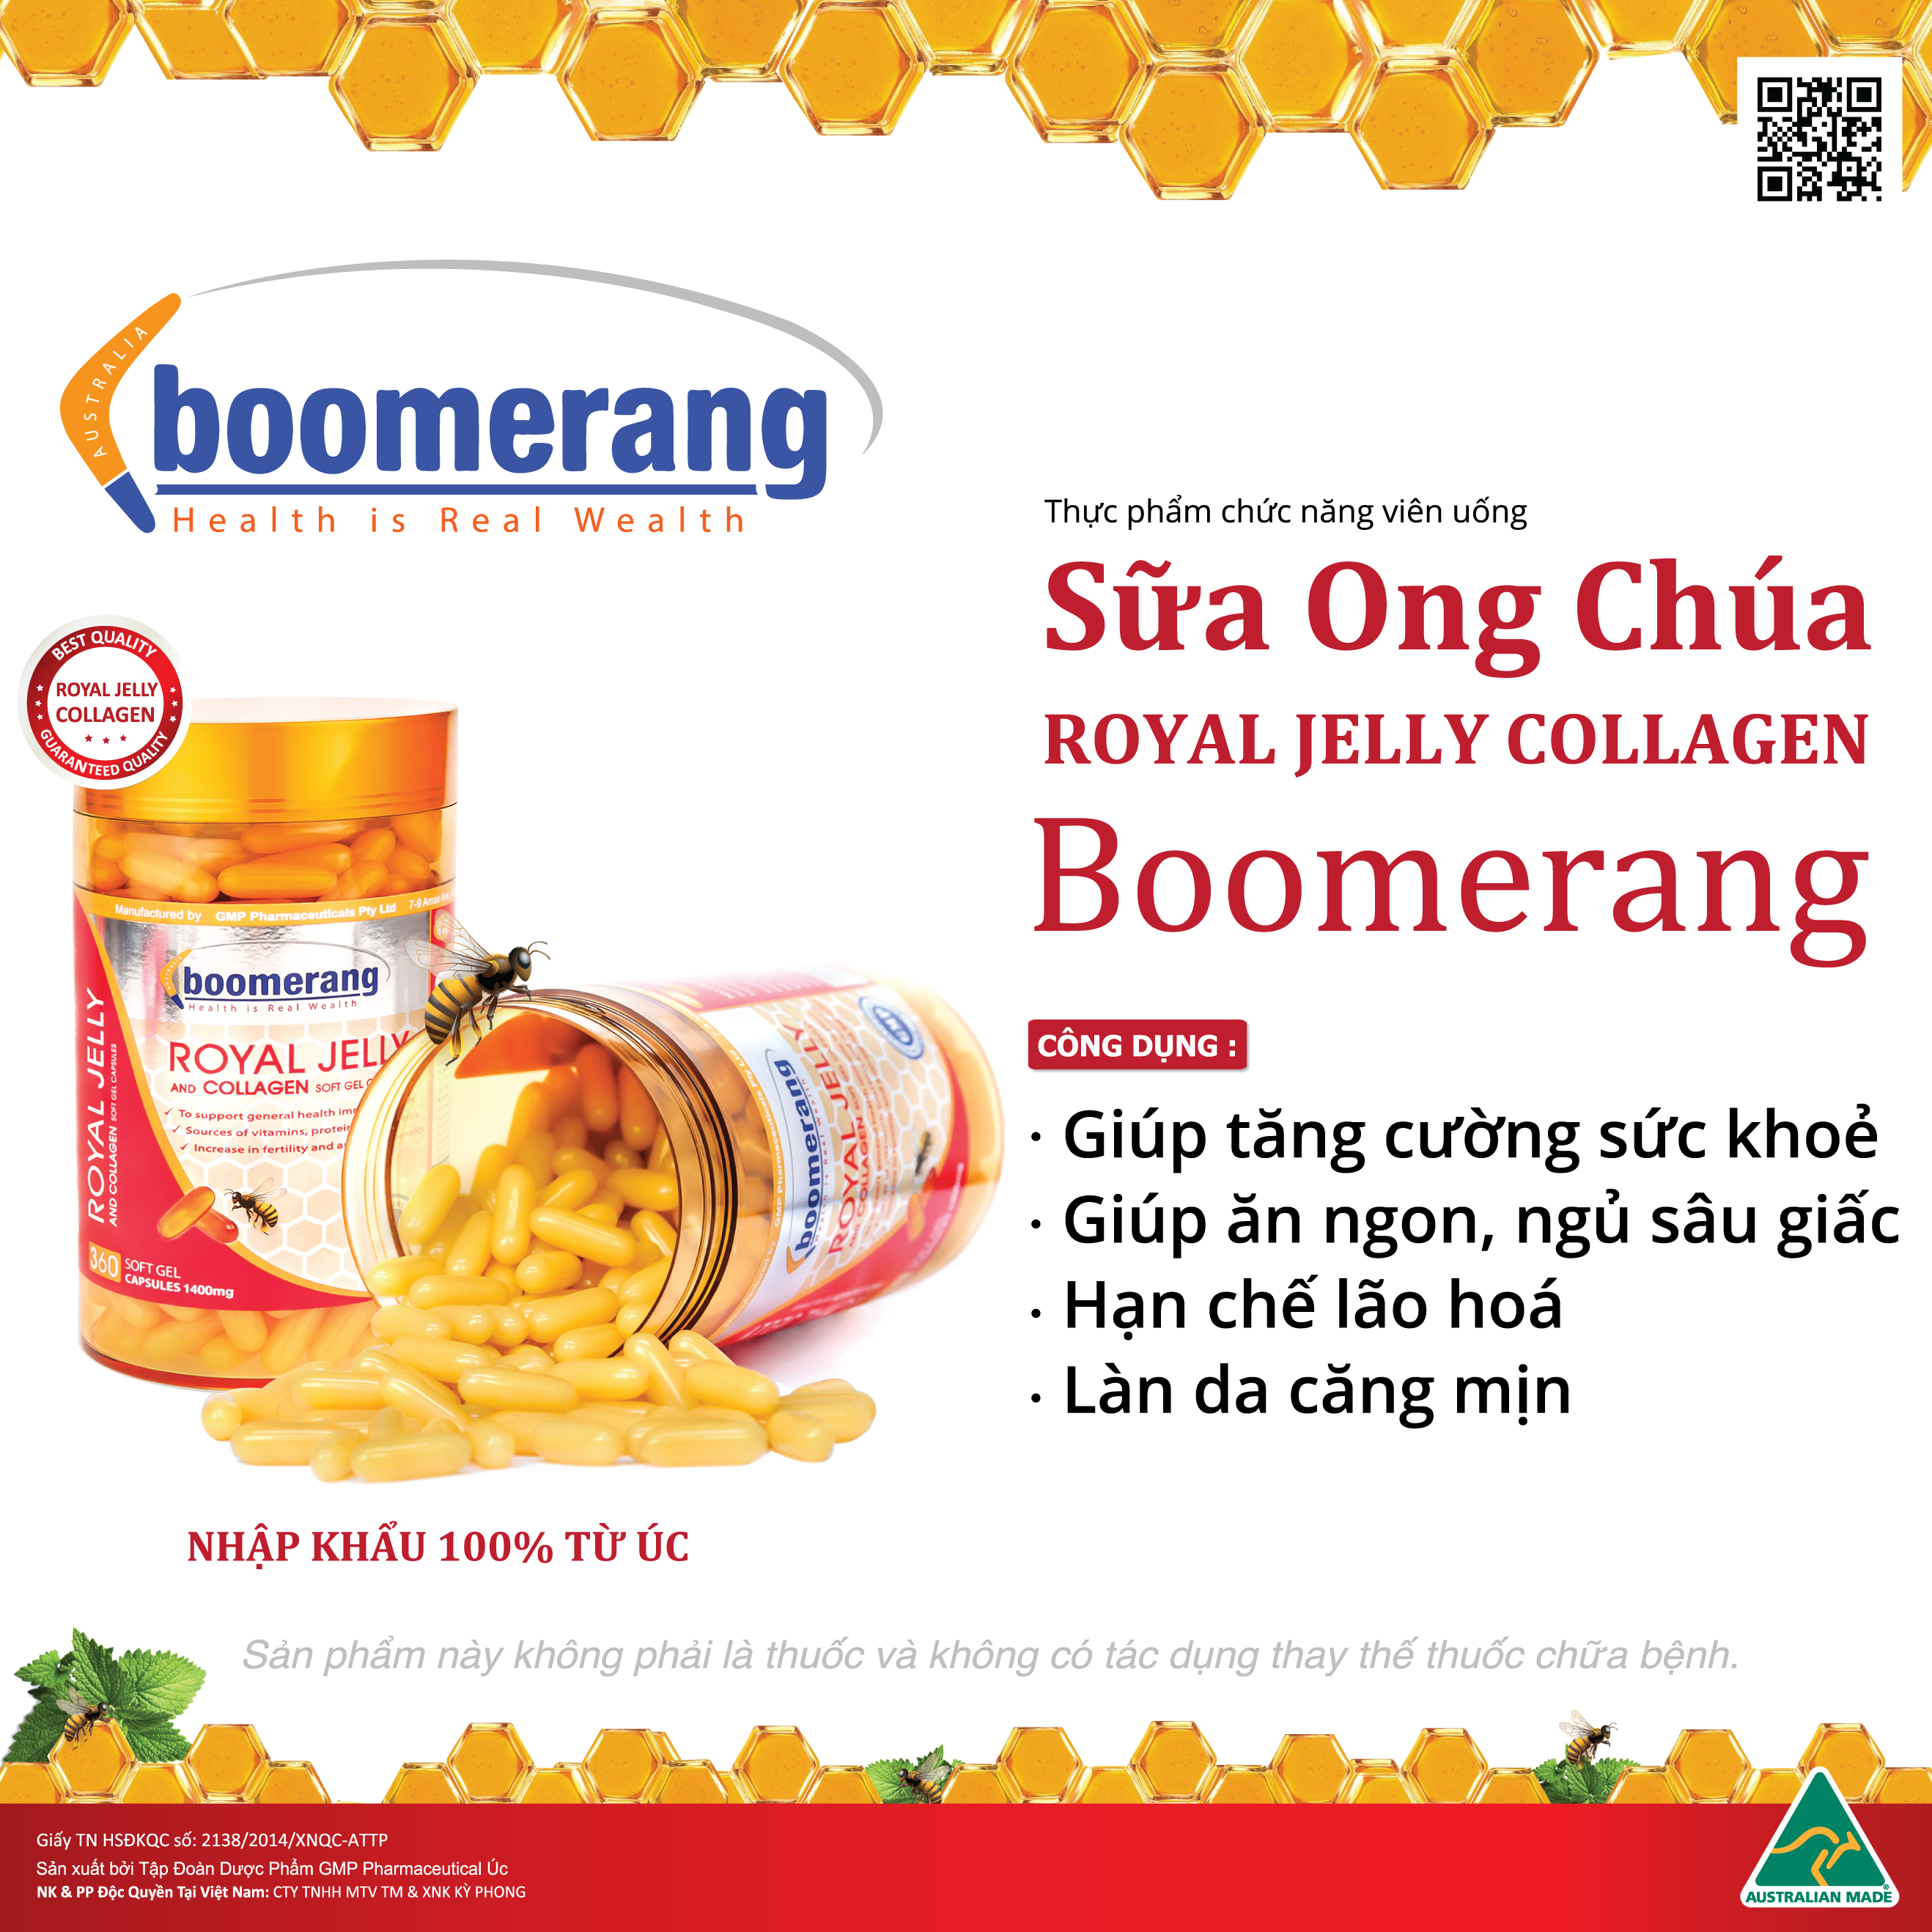 thuc-pham-chuc-nang-vien-uong-sua-ong-chua-boomerang-BM01